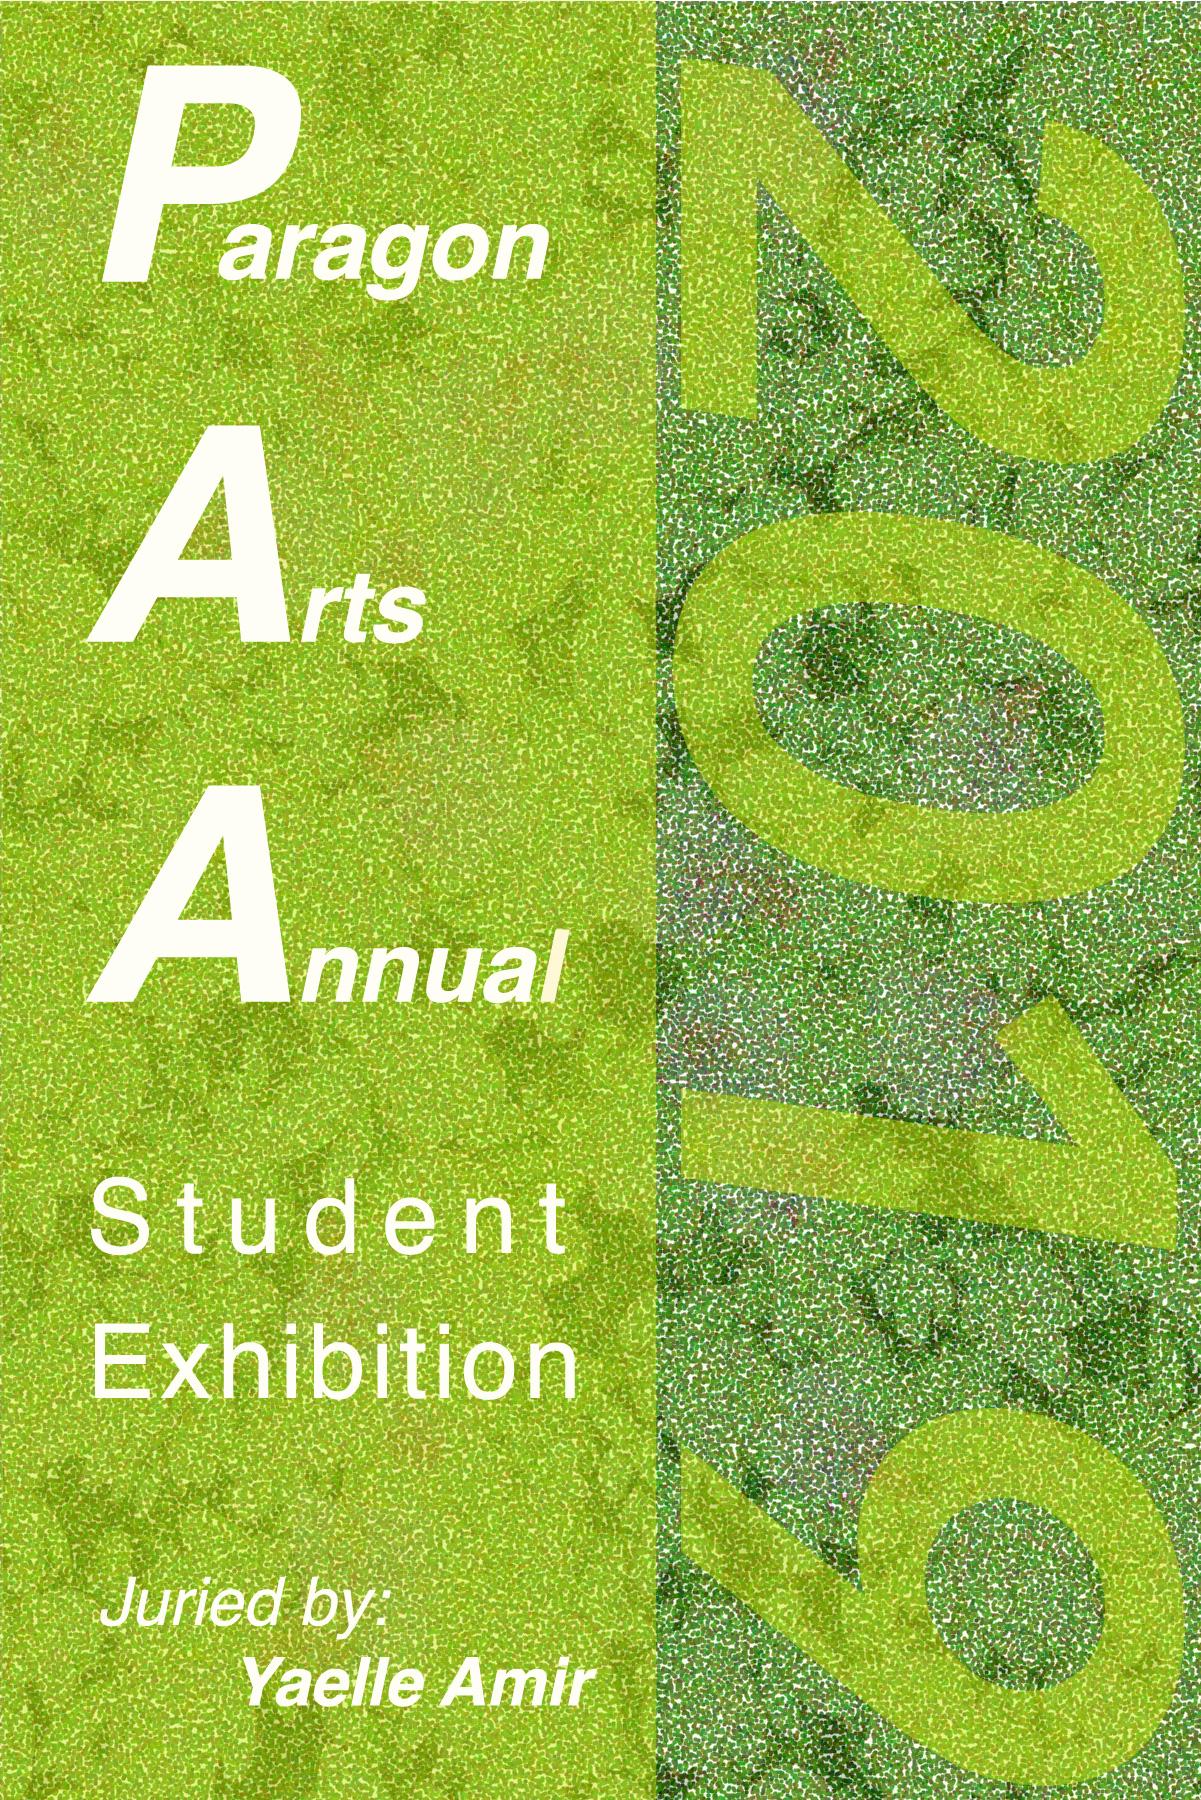 exhibition announcement image